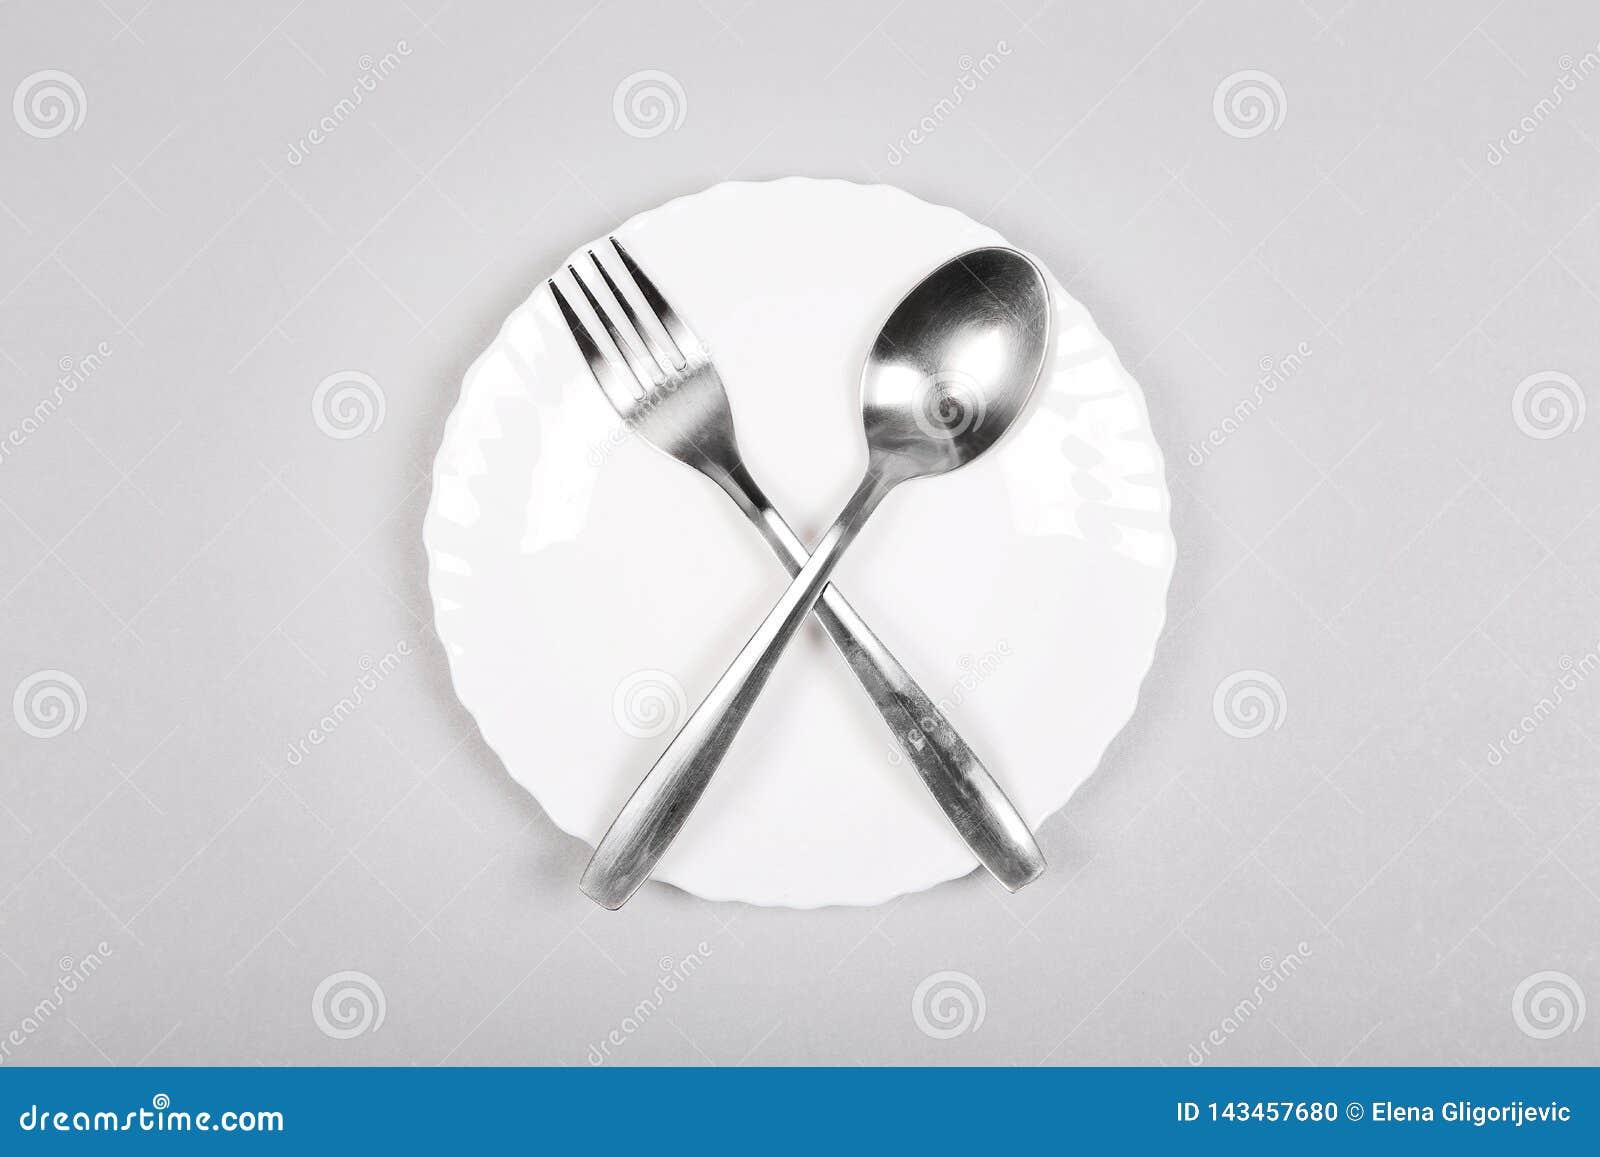 Forchetta e cucchiaio su un piatto bianco vuoto su fondo grigio